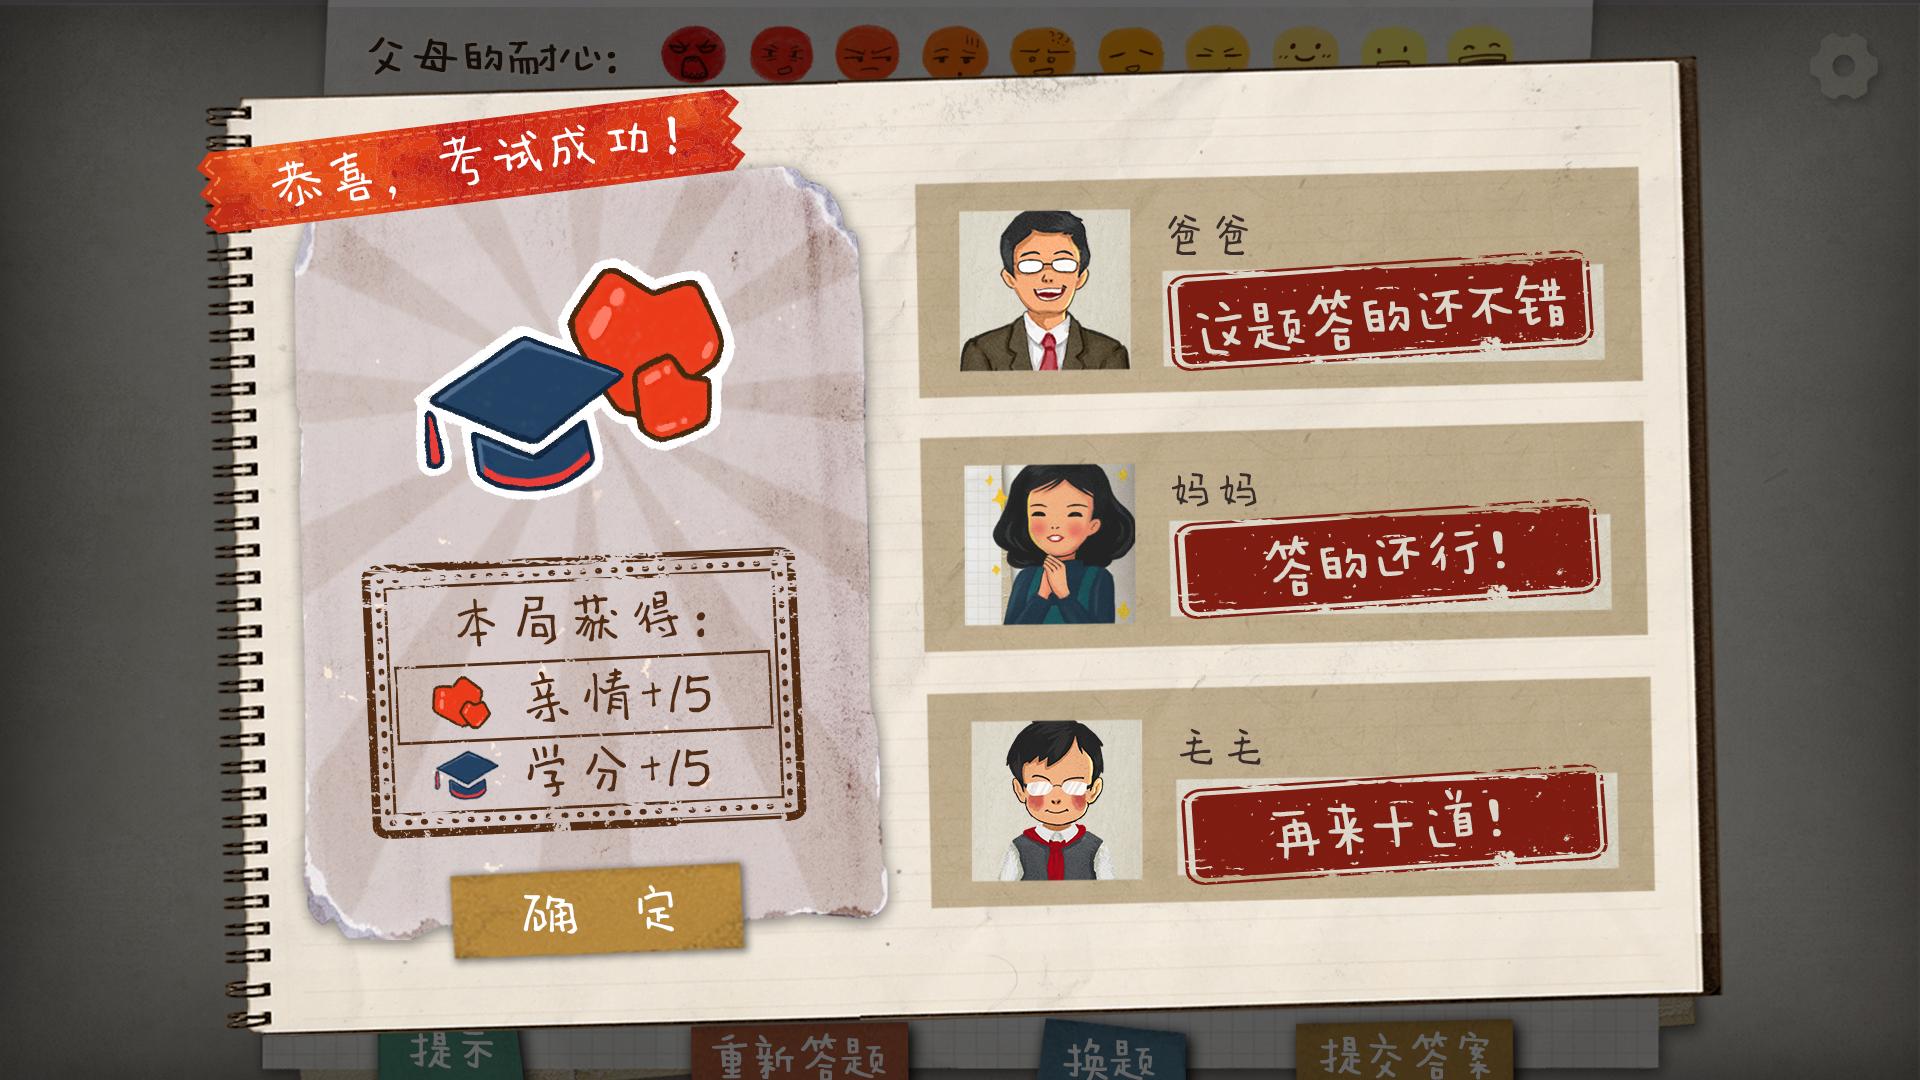 国产游戏《作业疯了》上架Steam 化身小学生遨游题海